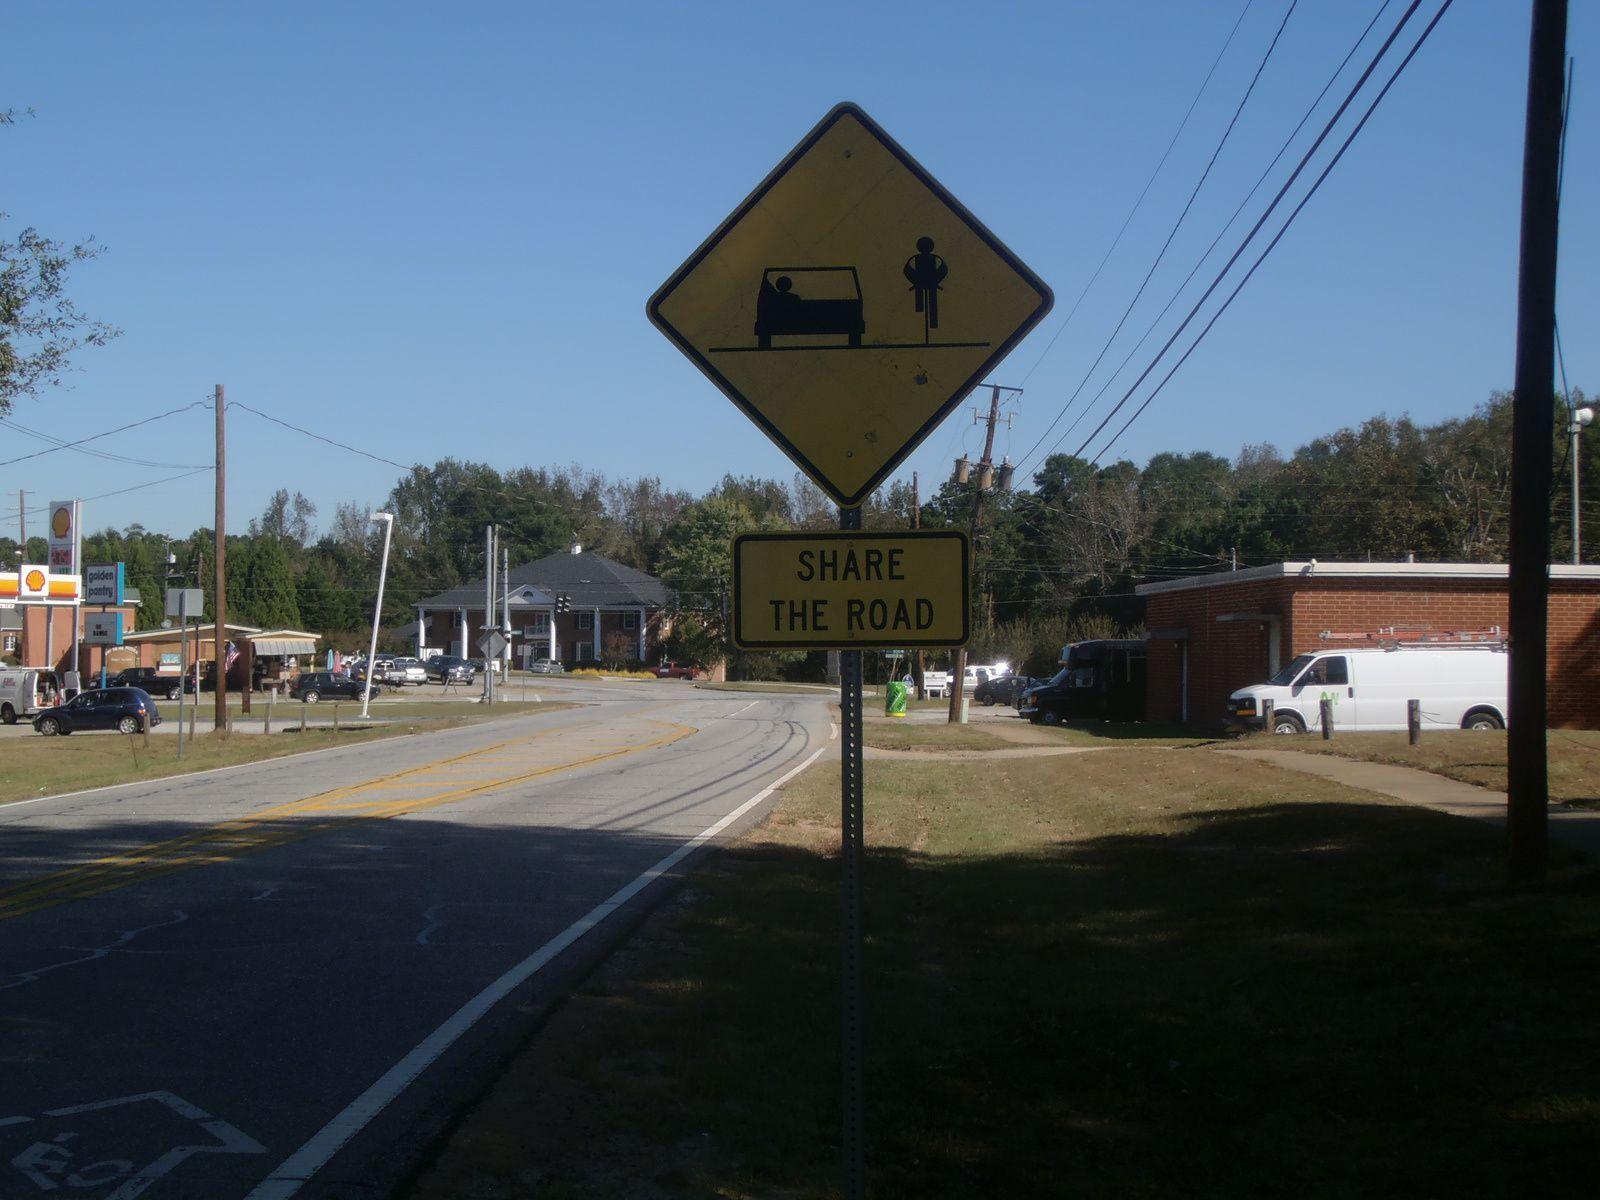 Dans le comté de Carroll où je vivais précédemment, je n'ai jamais vu ce panneau routier invitant les conducteurs à partager la route avec les cyclistes. Ce doit être efficace car les conducteurs sont extrêmement prudents en me dépassant sur la route. L'éducation, ça marche, quelquefois !